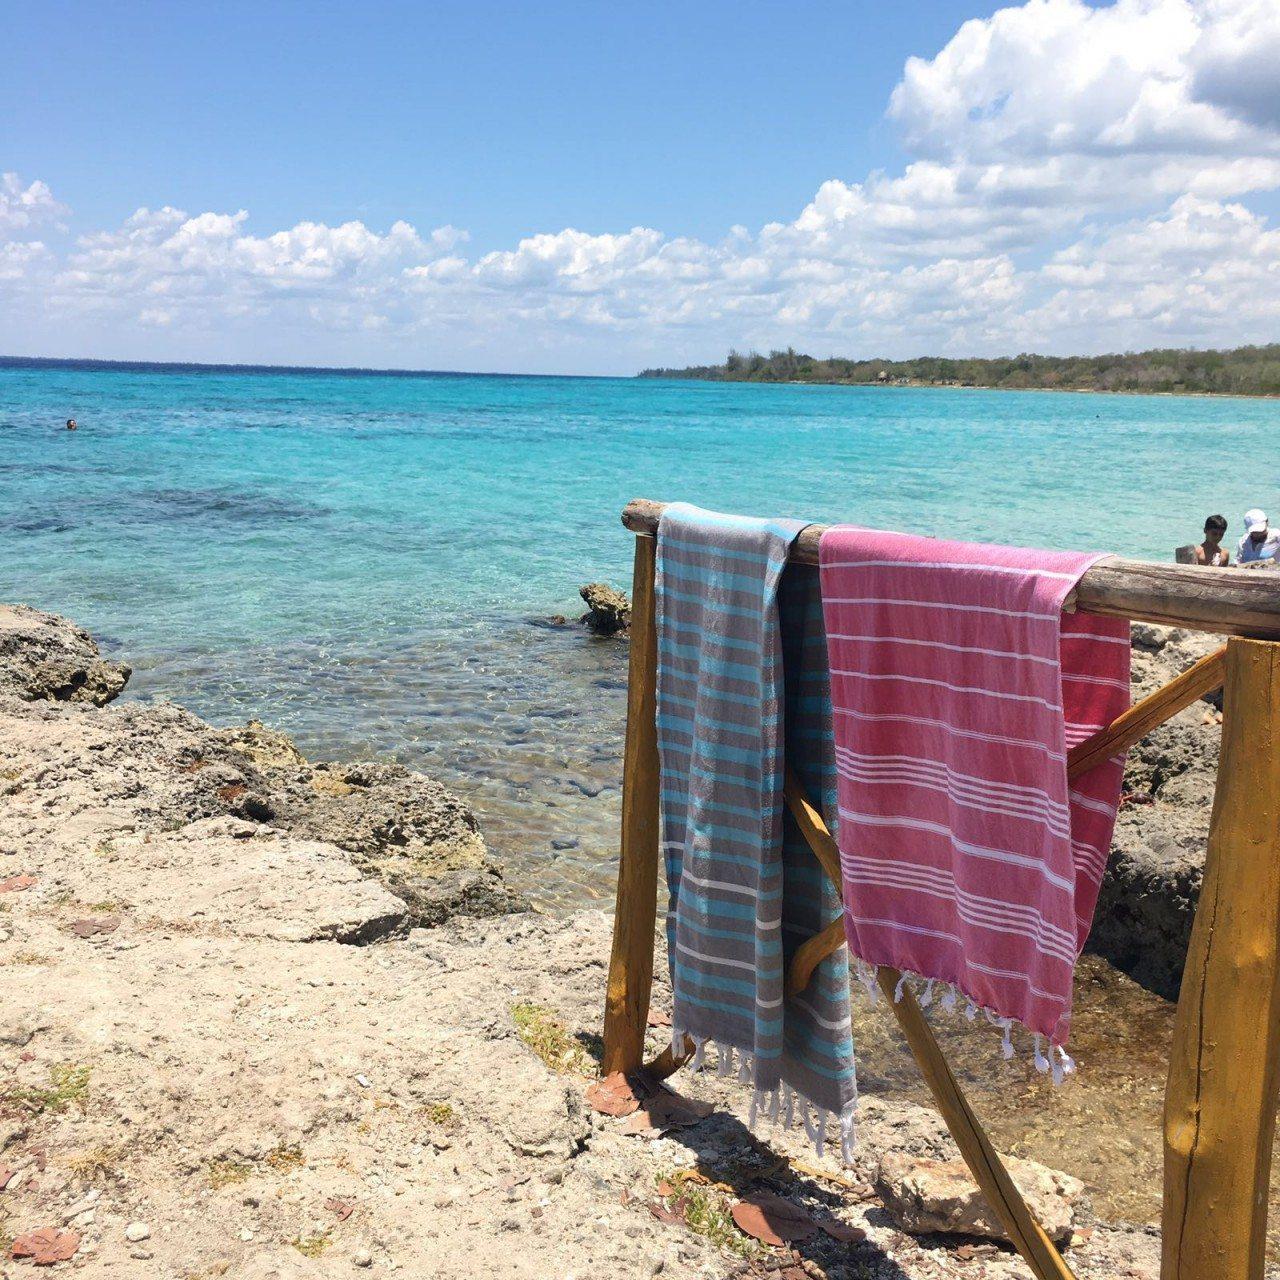 Microvezel Handdoek Hema.Reishanddoek Kopen Hamamdoek Microvezel Handdoek Of Sarong